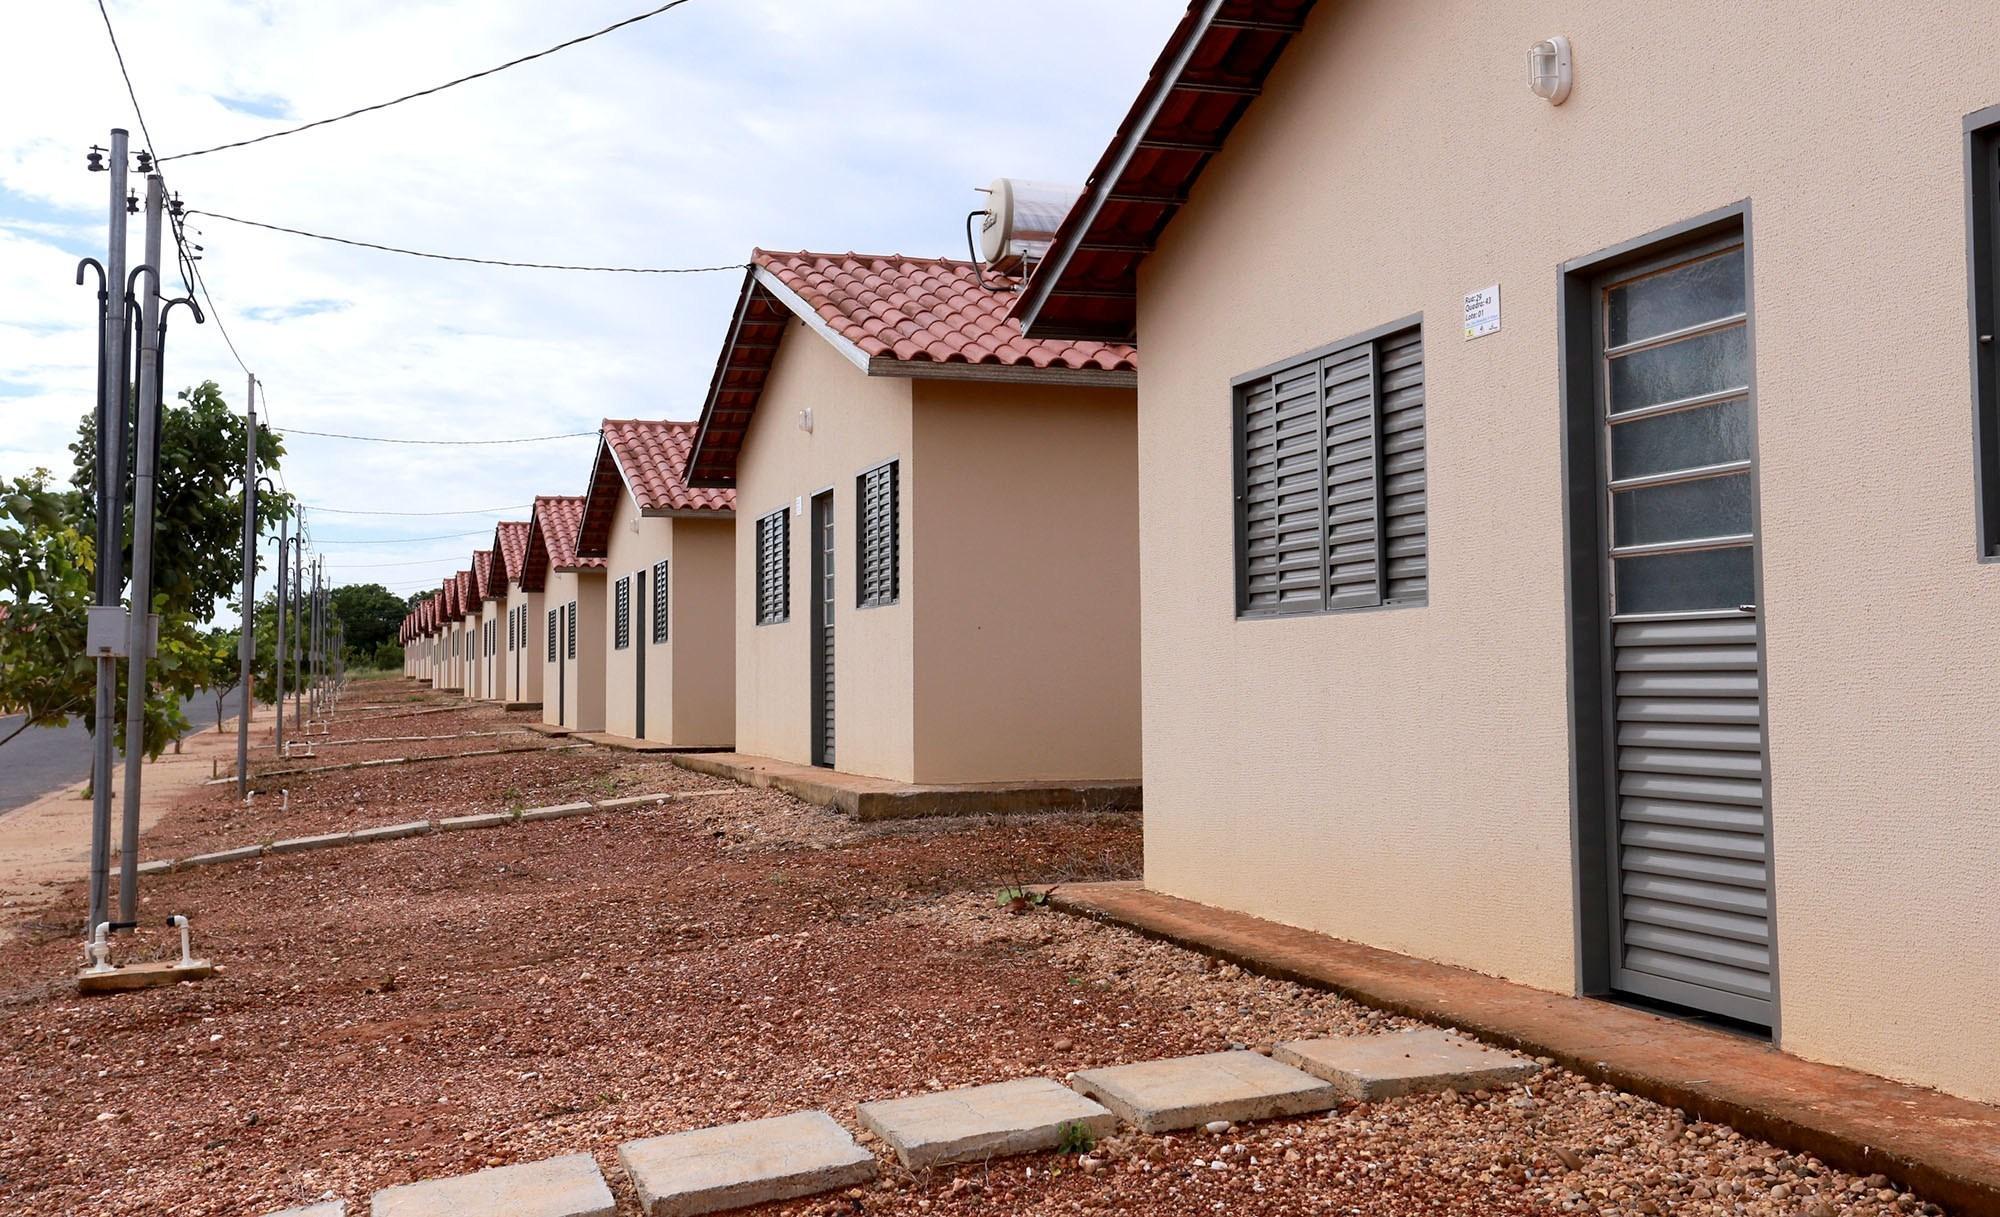 Valor de imóvel financiado com FGTS passa para R$ 1,5 milhão